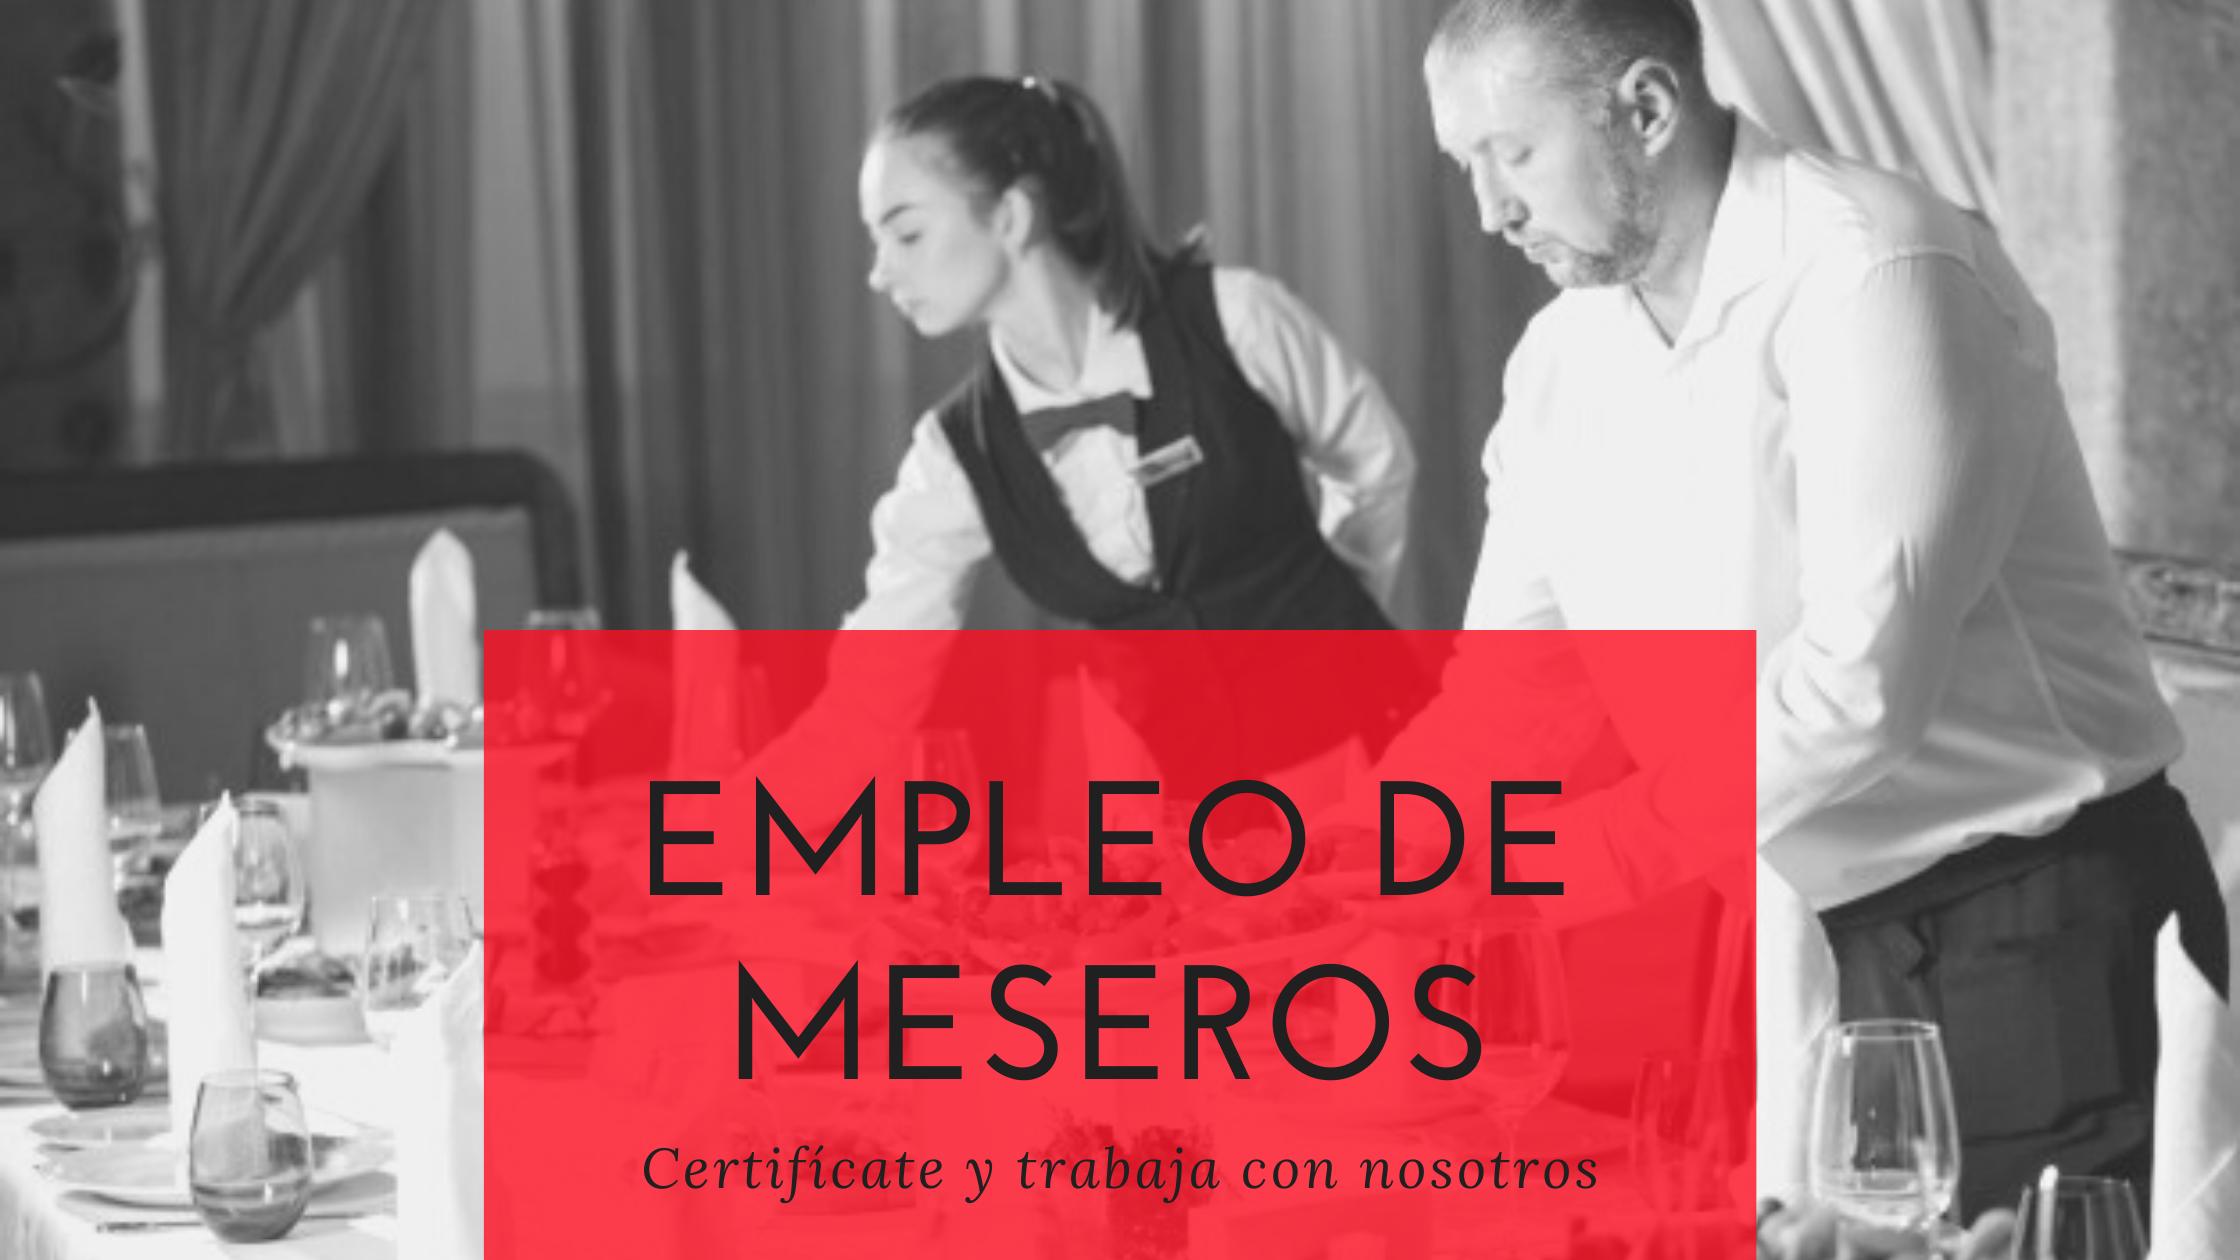 Empleo de meseros para banquetes y eventos